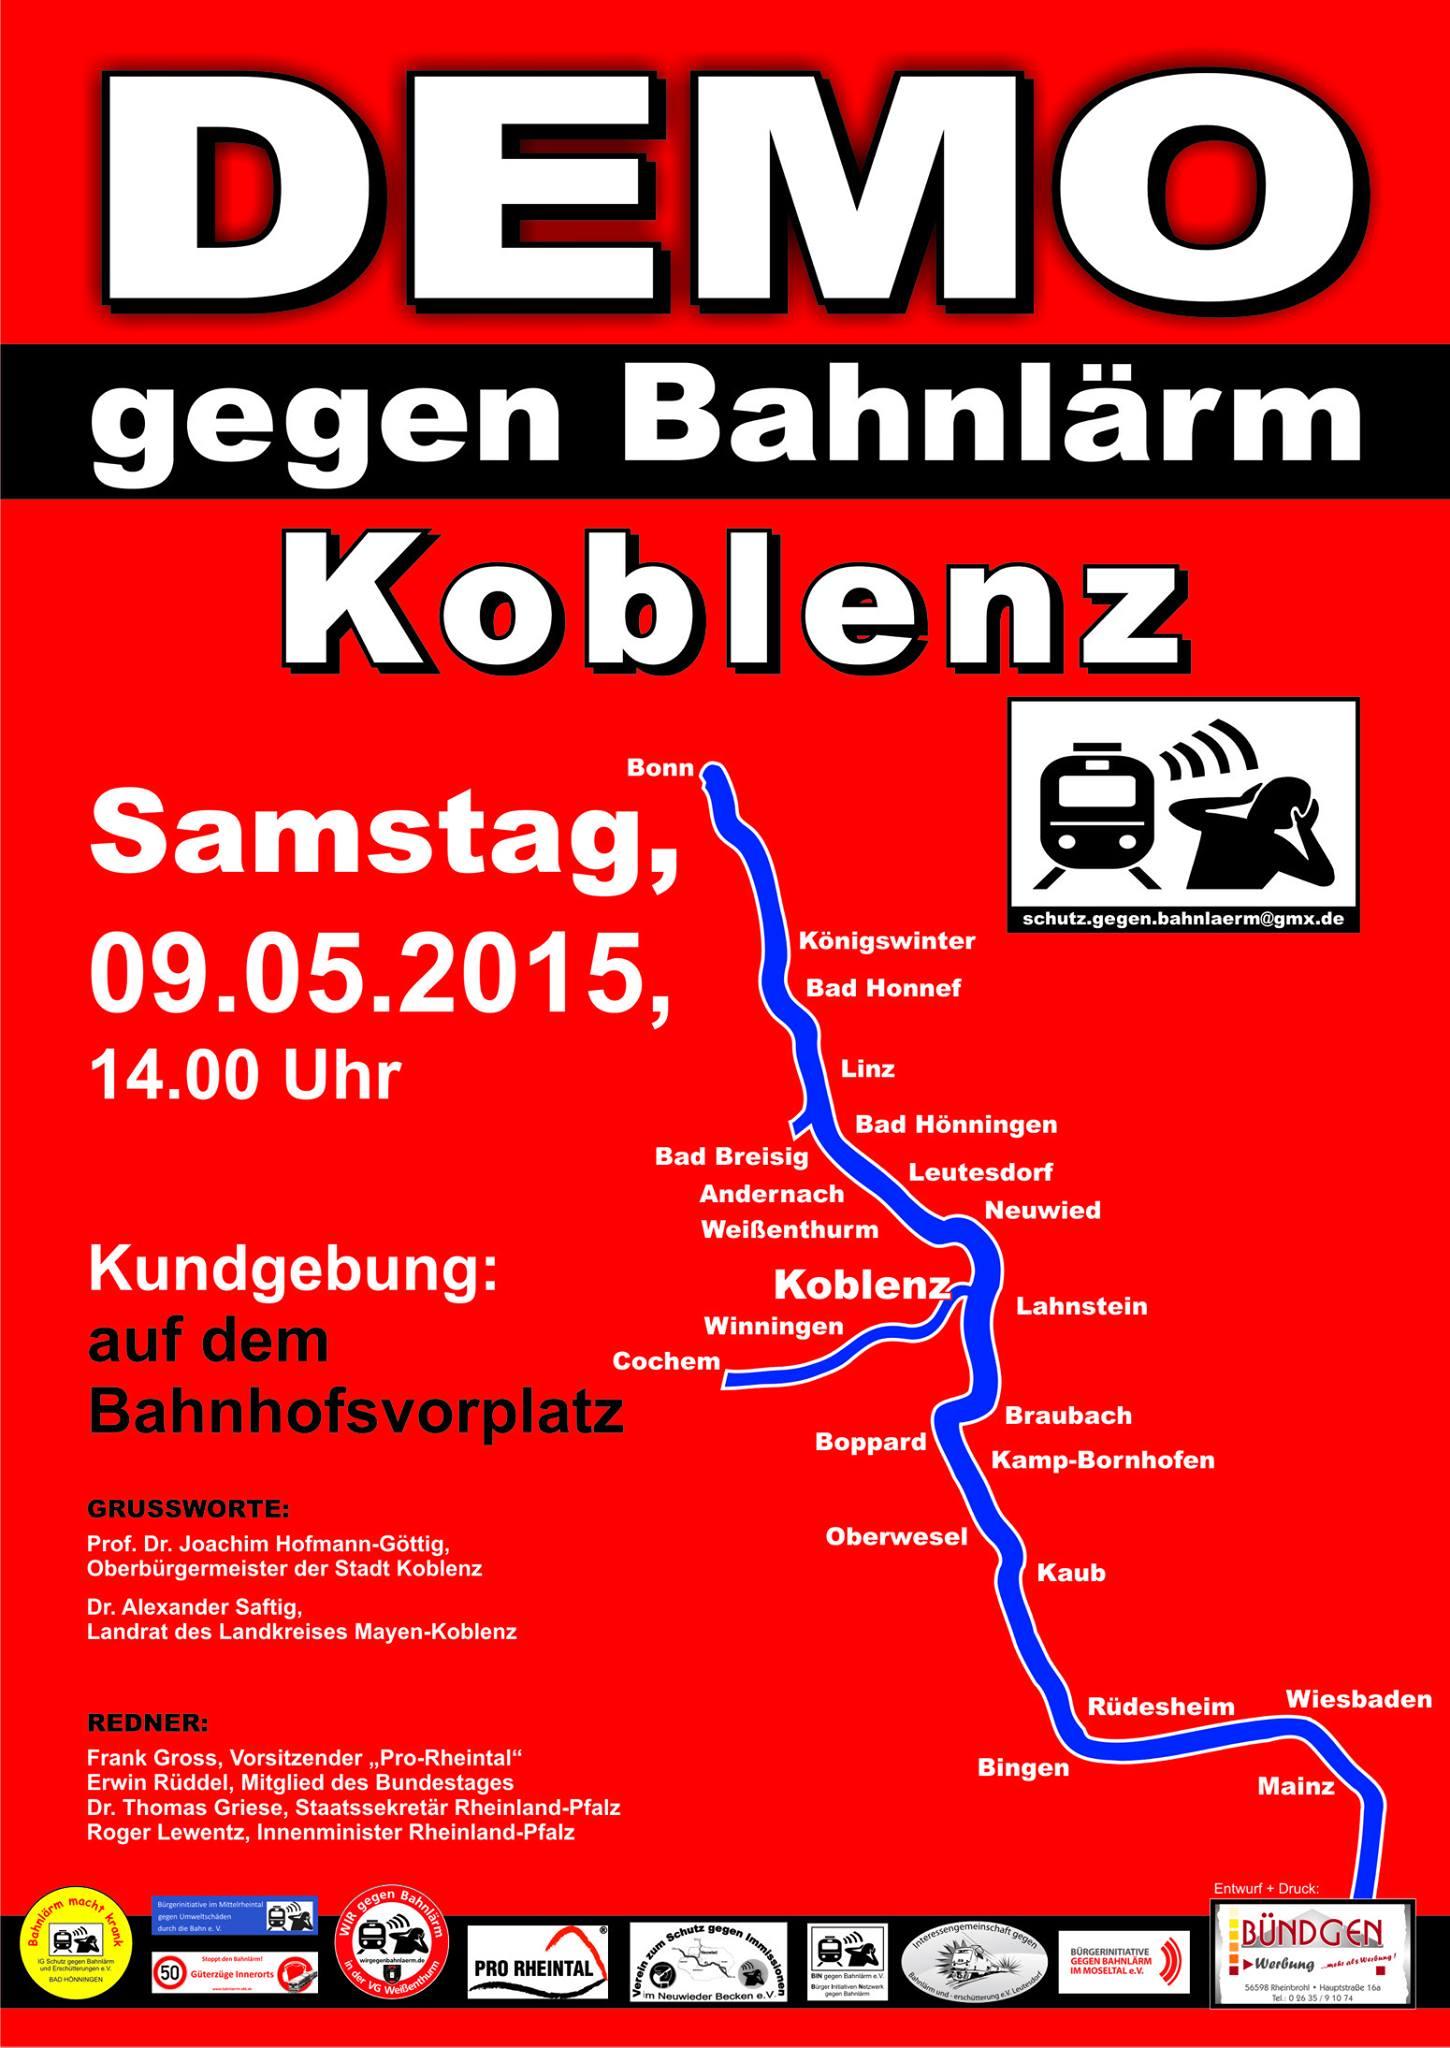 Demoplakat Koblenz